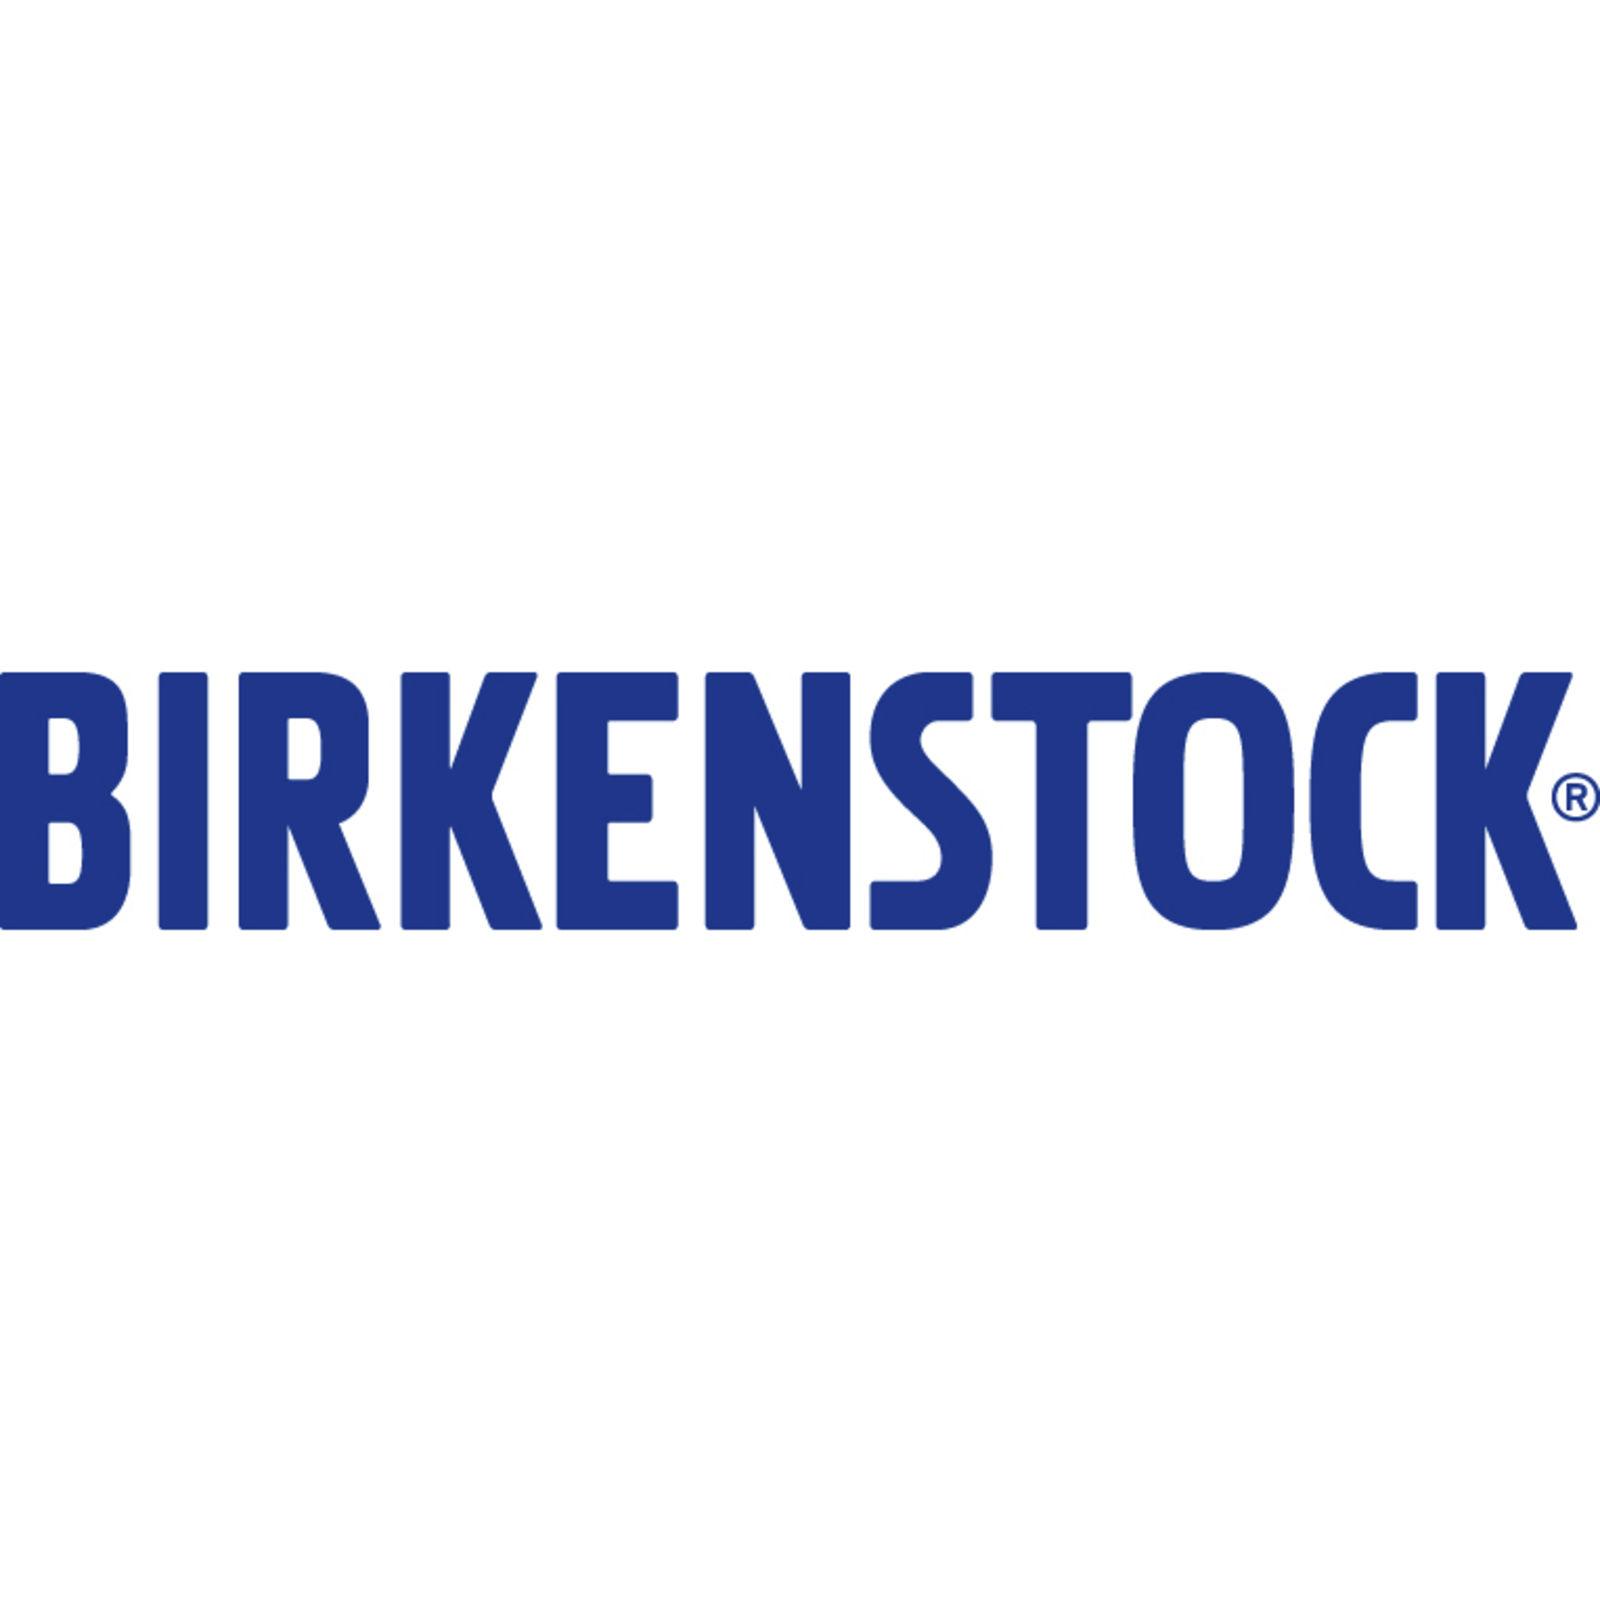 BIRKENSTOCK (Image 1)